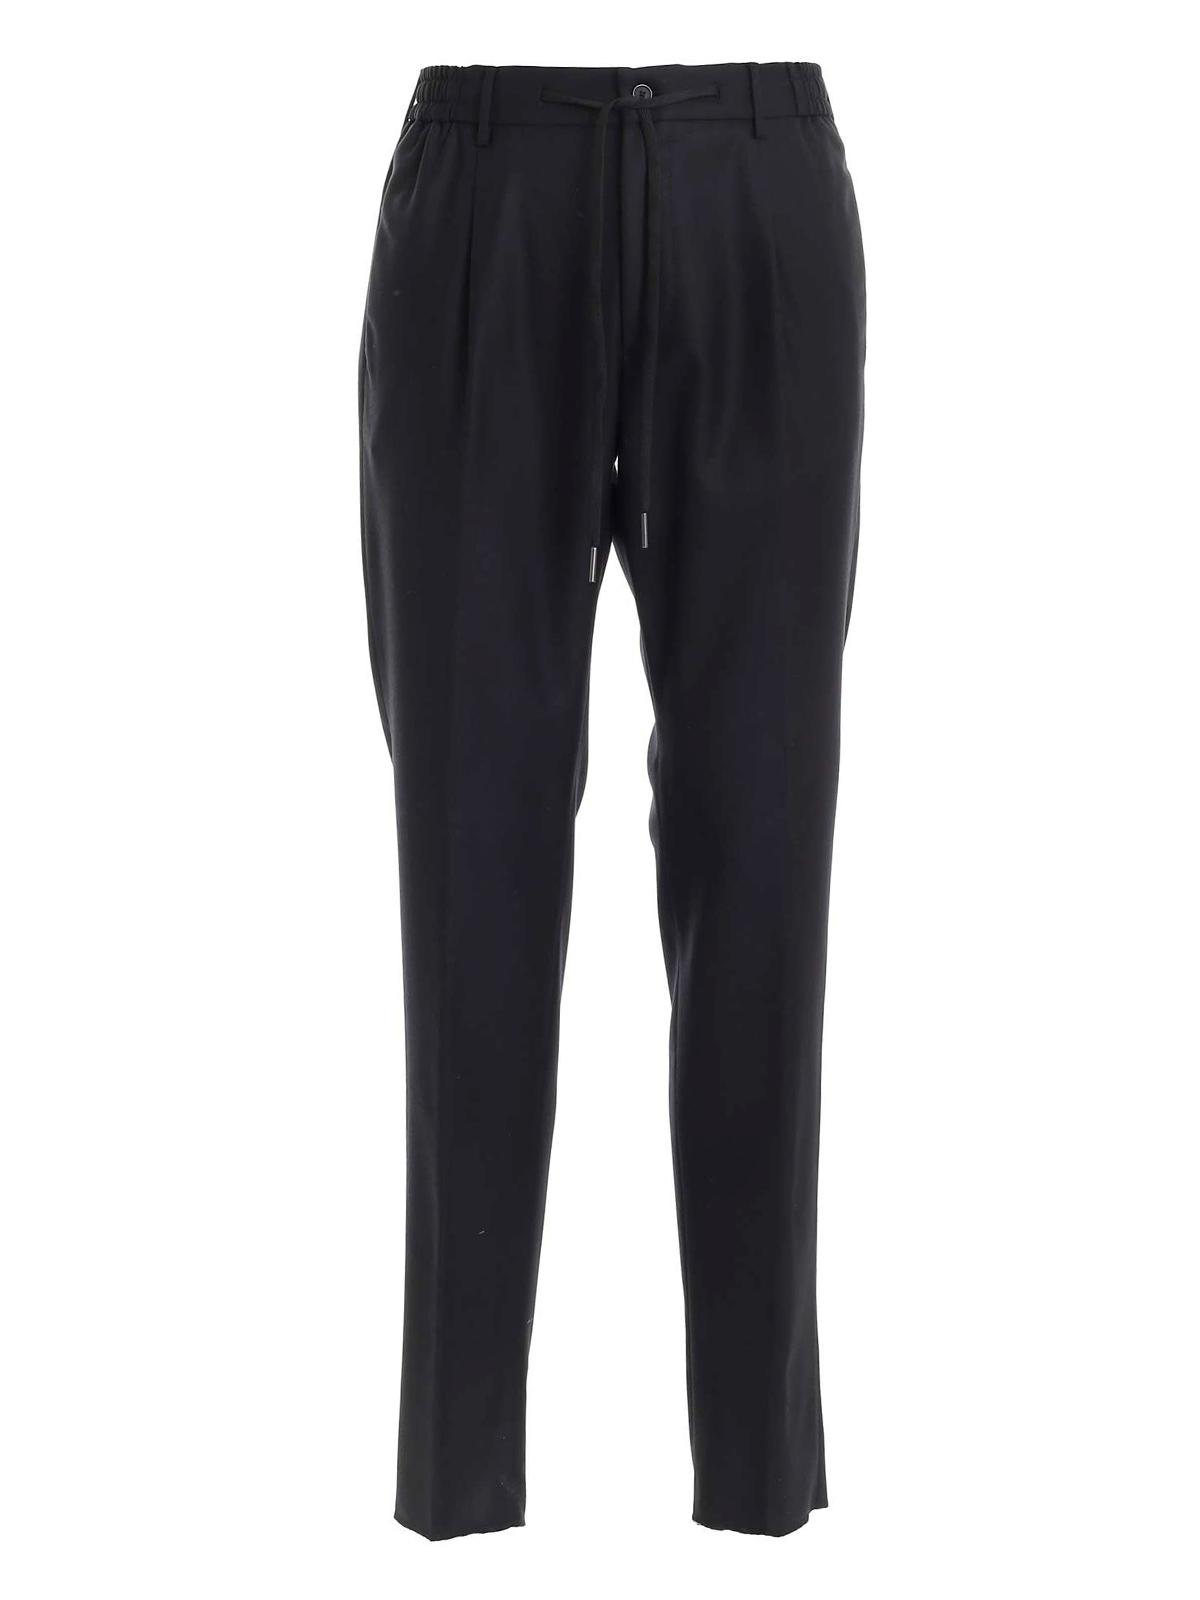 Picture of Tagliatore | Trousers Pantalone Uomo